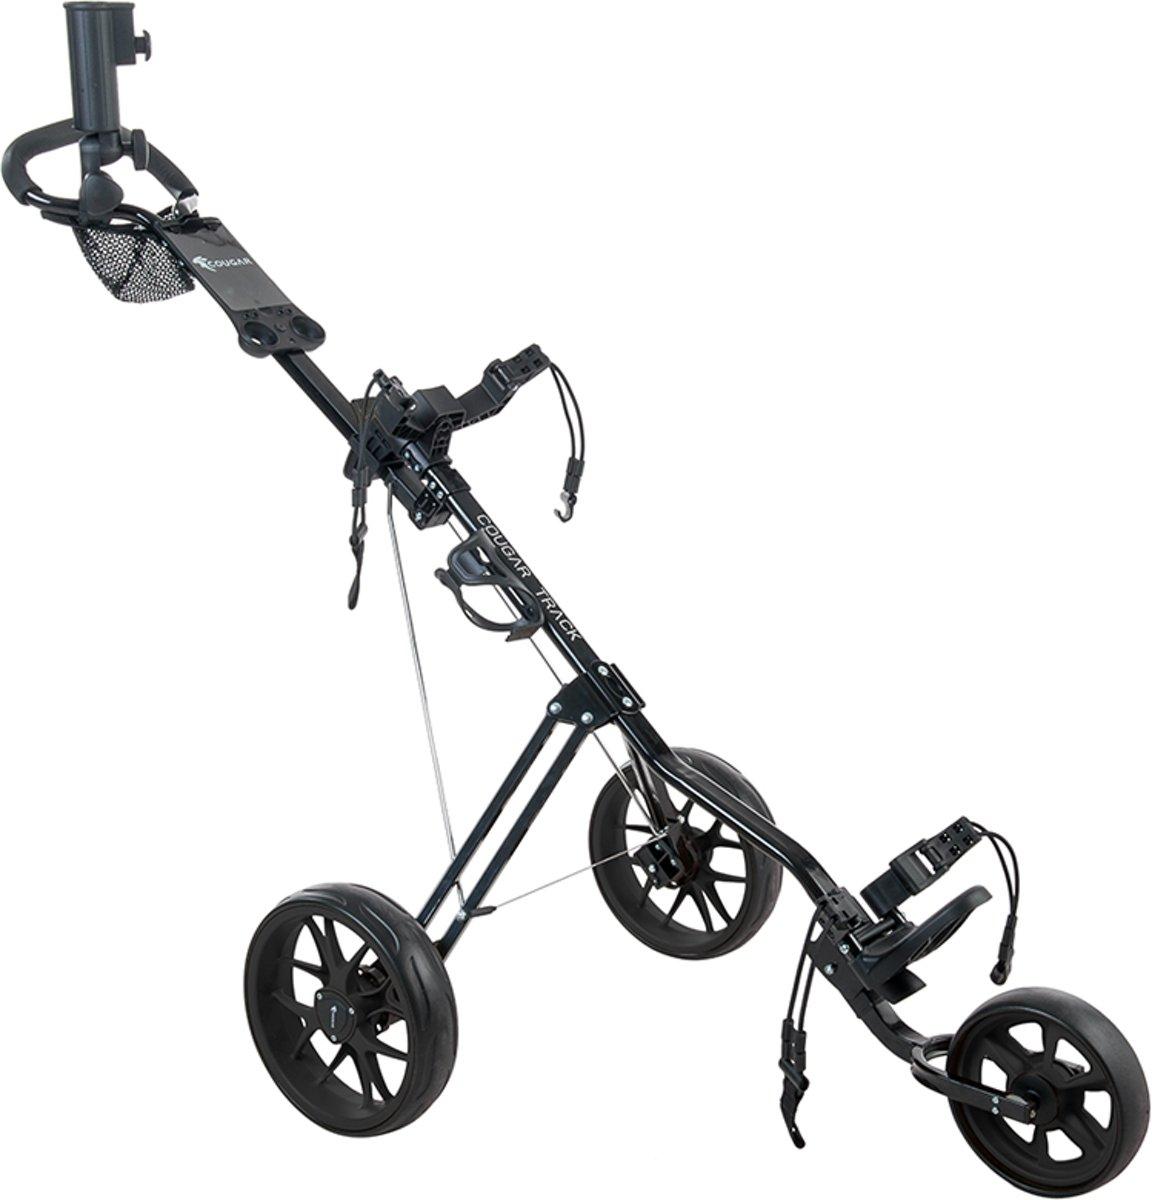 Cougar CO4206002 Golftrolley-Unisex-Maat--Zwart kopen